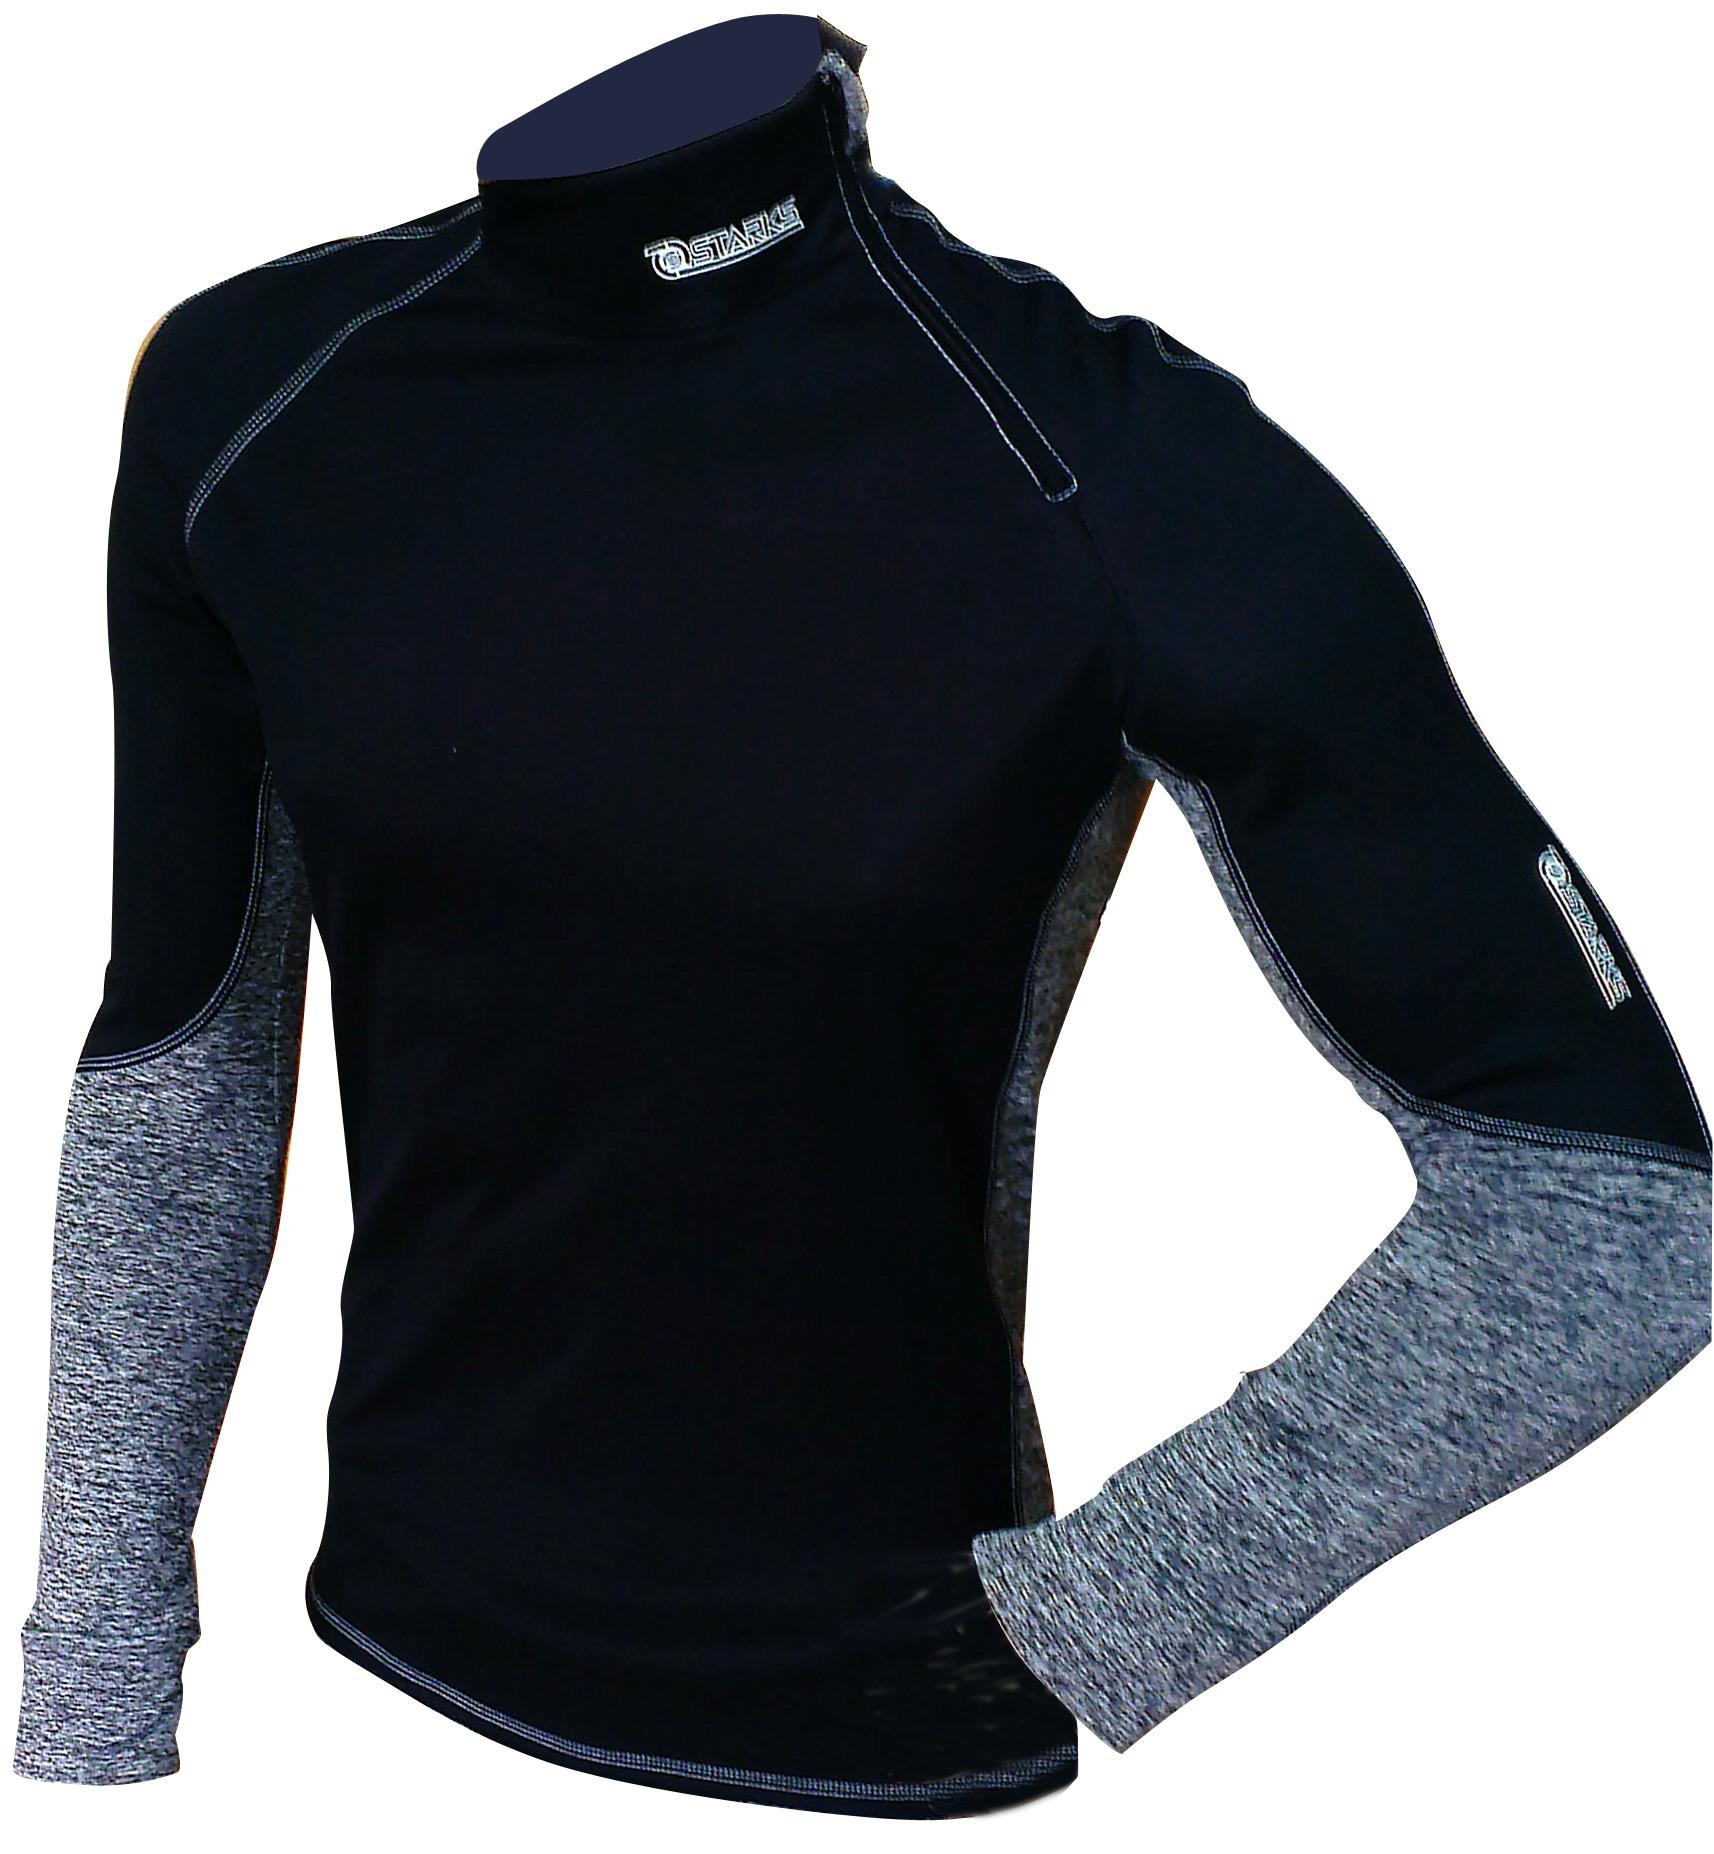 Термобелье кофта Starks Warm Extreme, зимняя, цвет: черный, серый. ЛЦ0012. Размер SЛЦ0024_SВысокотехнологичное термобелье Starks Warm Extreme гарантированно на 100% не пропускает ветер, хорошо тянется и выпускает влагу наружу.Белье рекомендуется для использования не только спортсменам зимних видов спорта, но и парашютистам, мотоциклистам, велосипедистам - всем, кто испытывает дискомфорт при сильном ветре, повышенной влажности. Анатомическое, выполнено из европейской сертифицированной ткани PolarStretch и WindStopper. Высокие эластичные свойства материала позволяют белью максимально повторять индивидуальную анатомию тела. Отличные влагоотводящие свойства, позволяют телу оставаться сухим. Термоизоляционные свойства, позволяют исключить переохлаждение или перегрев. Воротник стойка обеспечивает защиту шеи от холода. Застежка-молния обеспечивает легкое одевание кофты.Особенности: - Stop Bacteria - ткань с ионами серебра, предотвращает образование и развитие бактерий. Исключено образование запаха.-Защита от перегрева или переохлаждения.-Система мягких и плоских швов.-Гипоаллергенно. Состав: 92% полиэстер, 8% эластан.